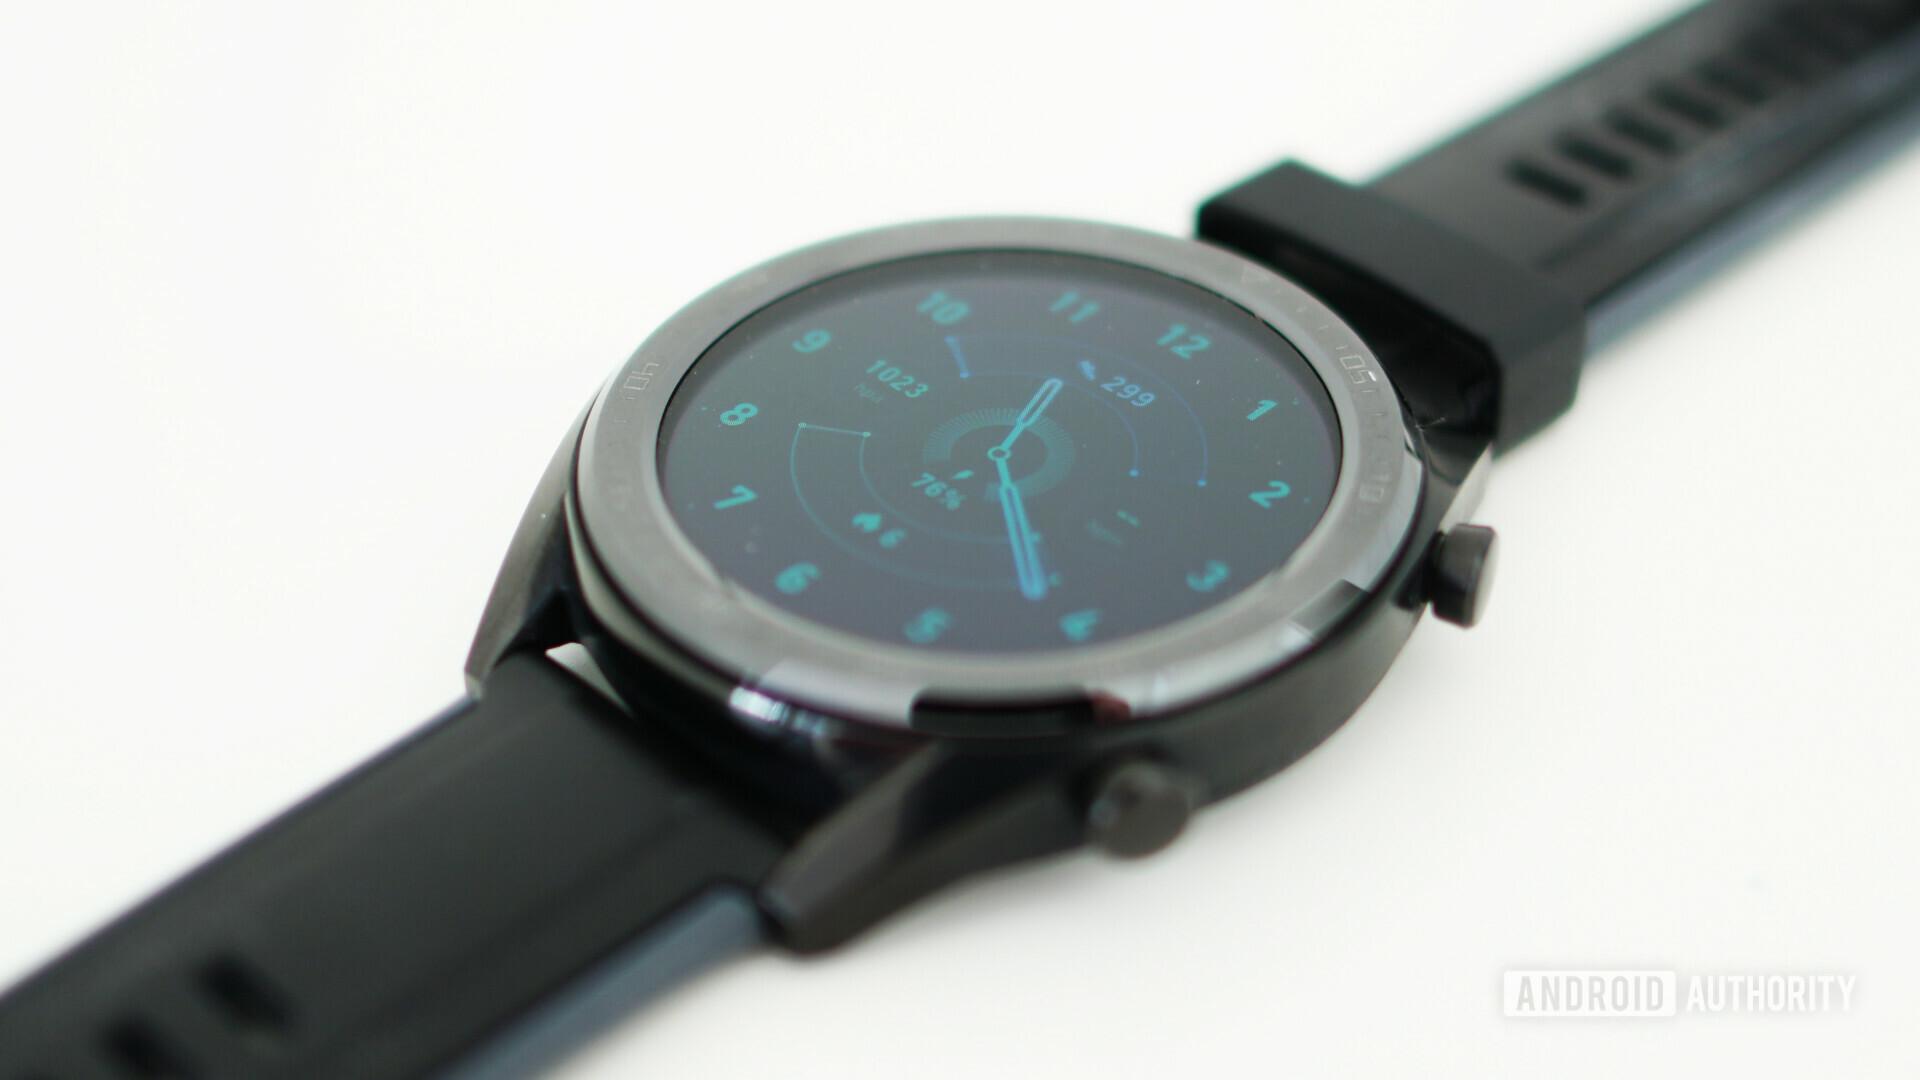 Huawei Watch GT watch face 1